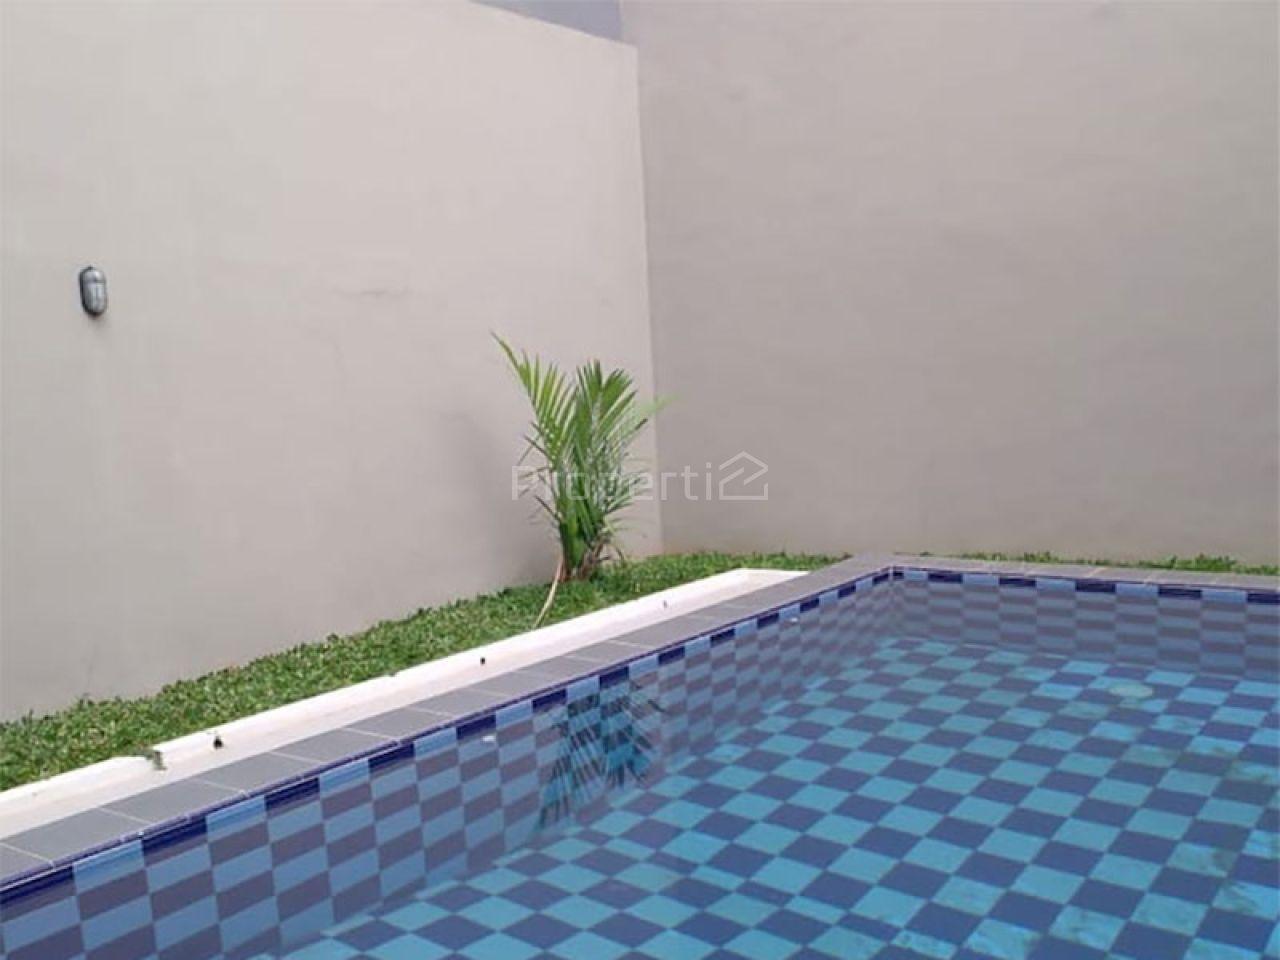 New House at Tebet Barat, Jakarta Selatan